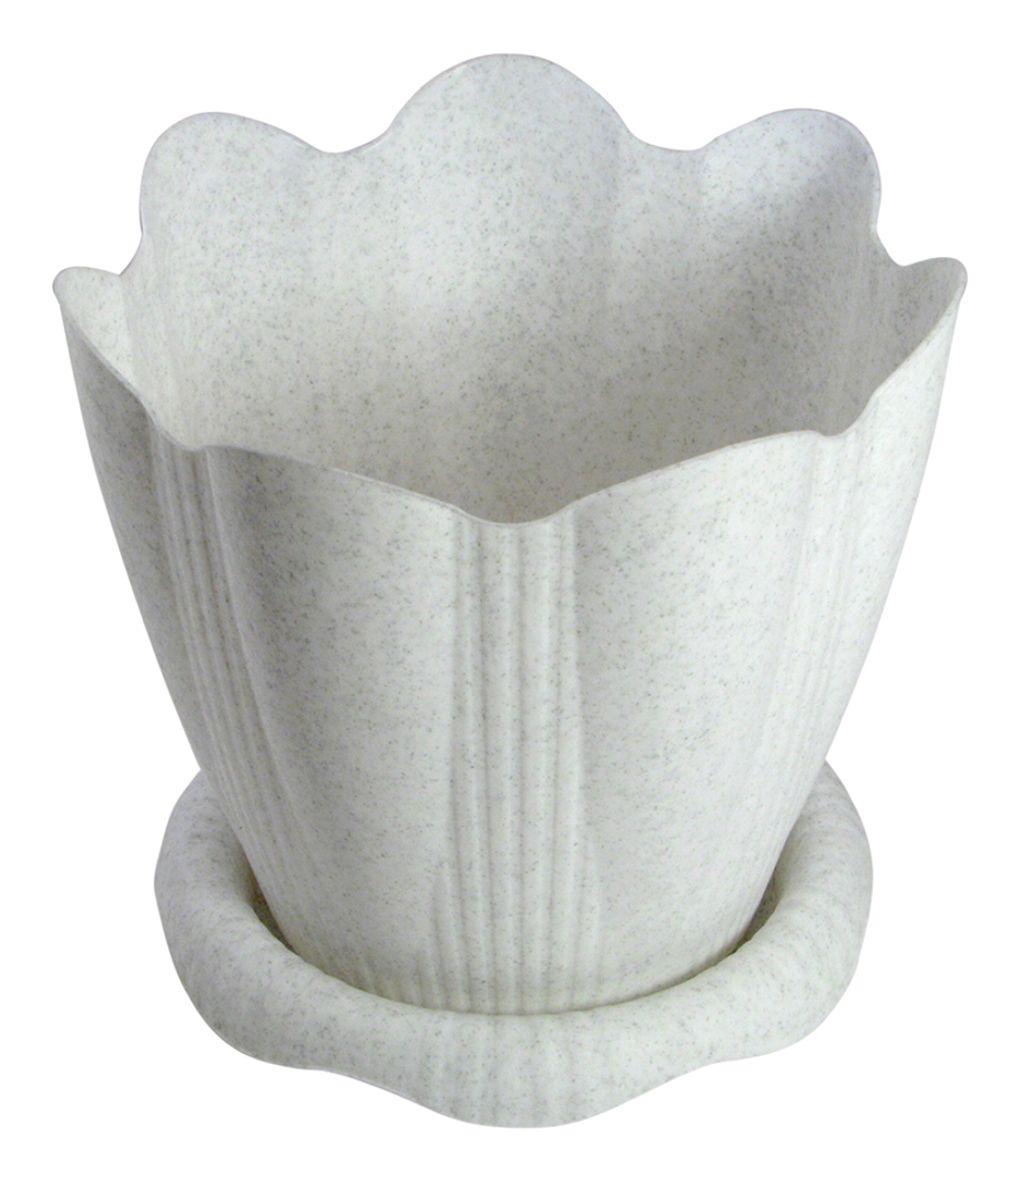 Горшок для цветов Martika Эдельвейс, с поддоном, цвет: мрамор, 5,3 лMRC193MПластиковое изделие для дома, соответствующее всем необходимым санитарным нормам и стандартам качества. Изготовлено для цветоводства и растениеводства. Рекомендуется для выращивания растений дома и на приусадебных участках.